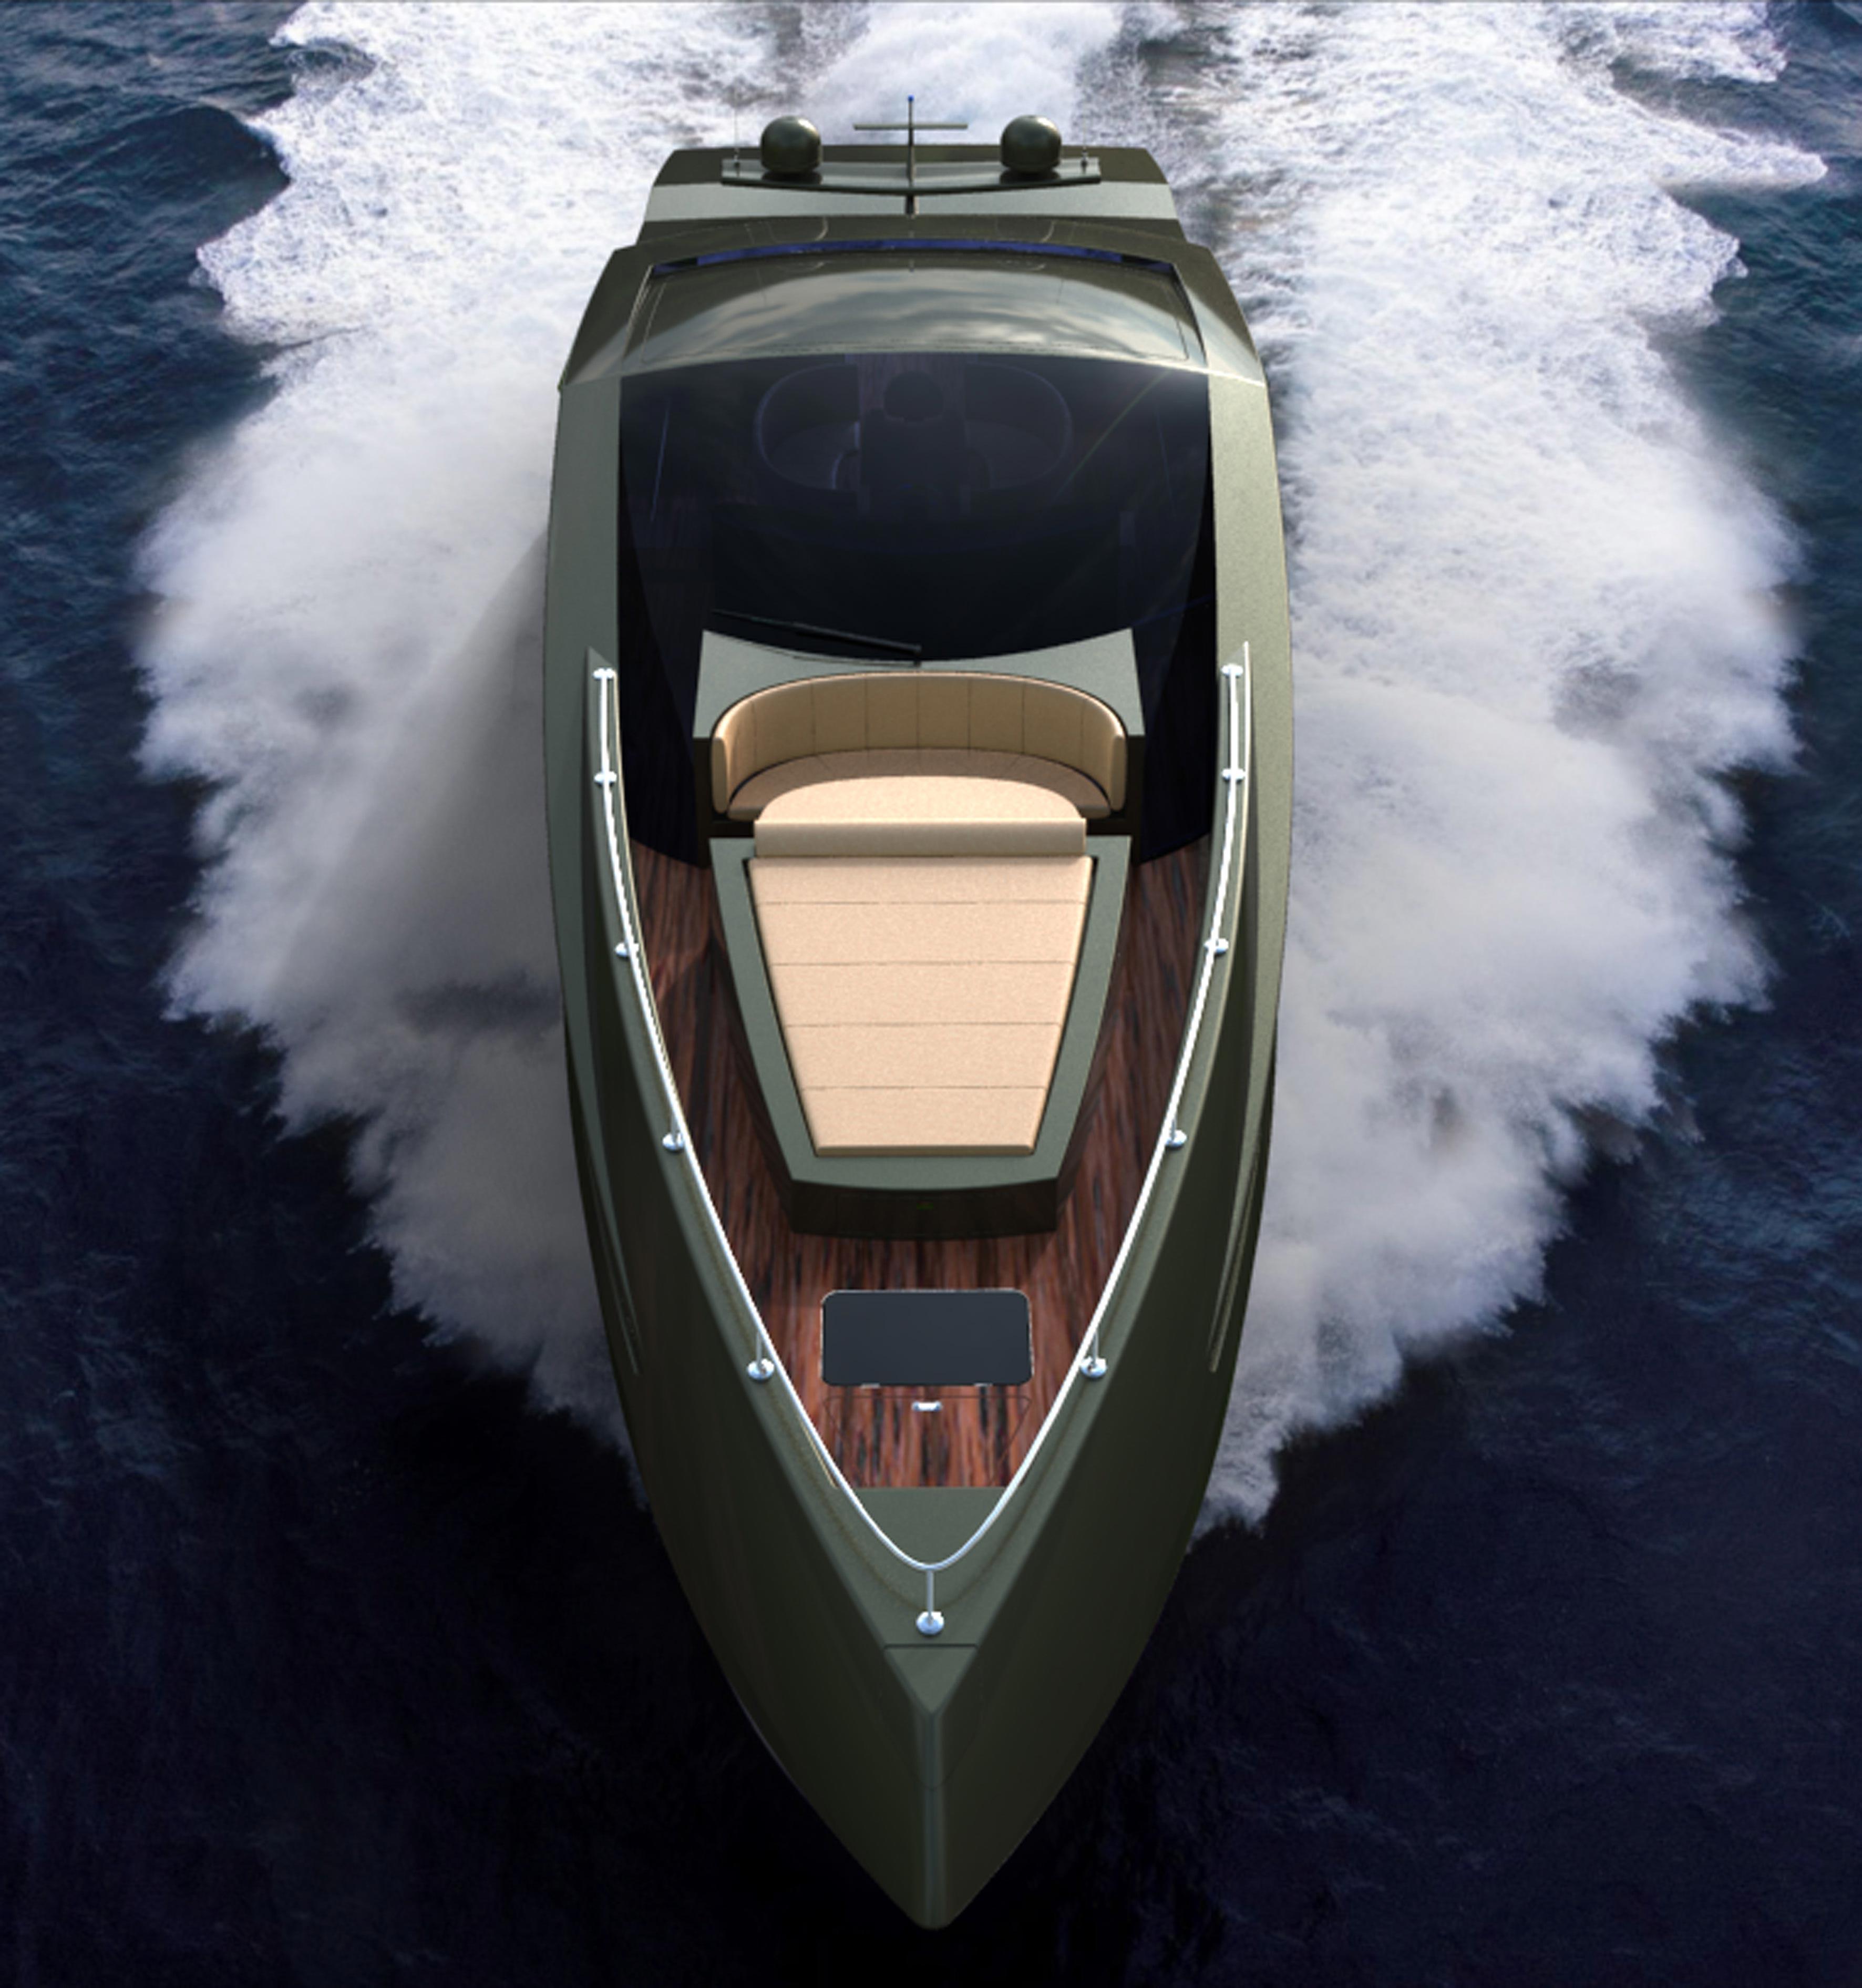 Lamborghini Concept Yacht Dream Machine For All Lambo